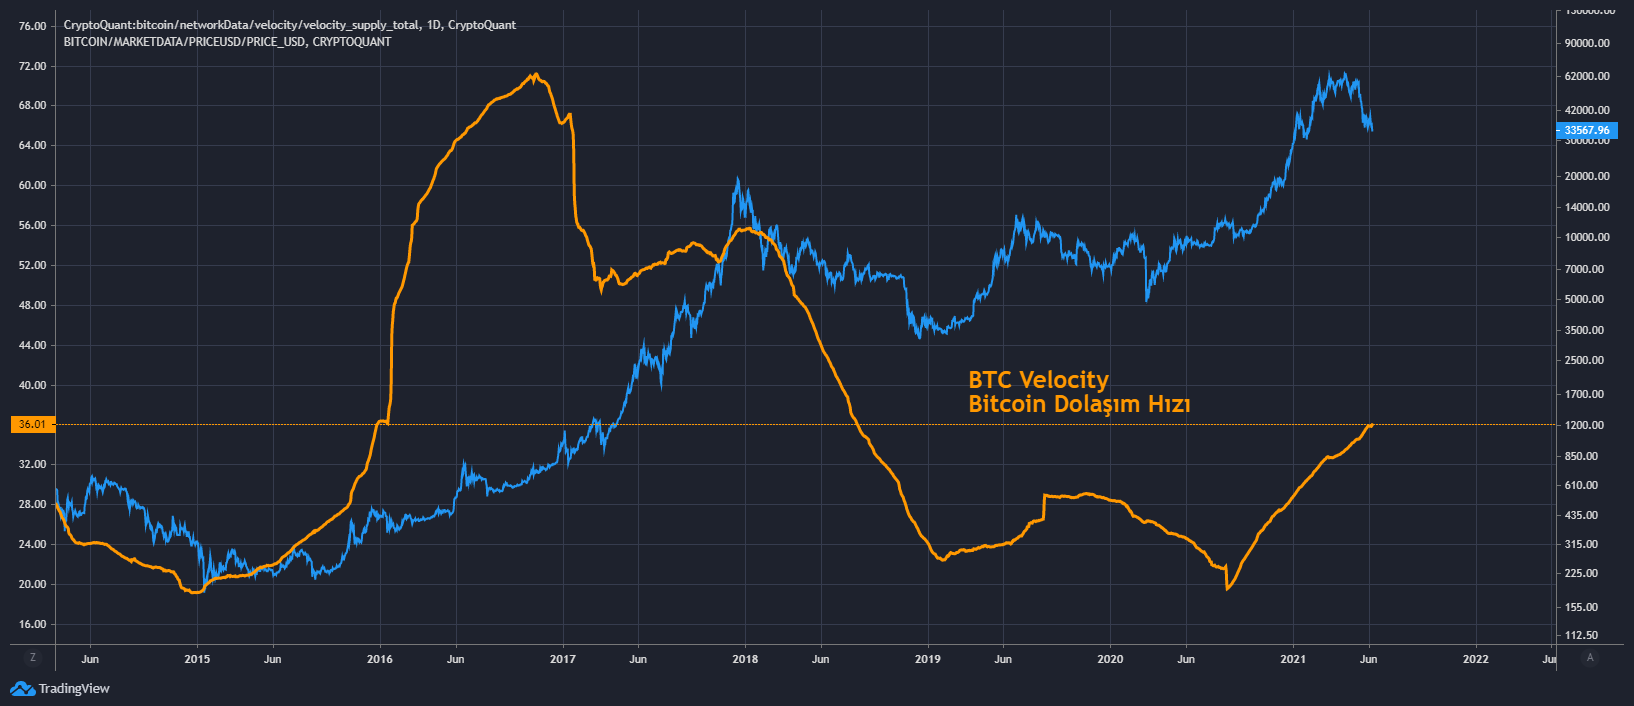 BTC Velocity